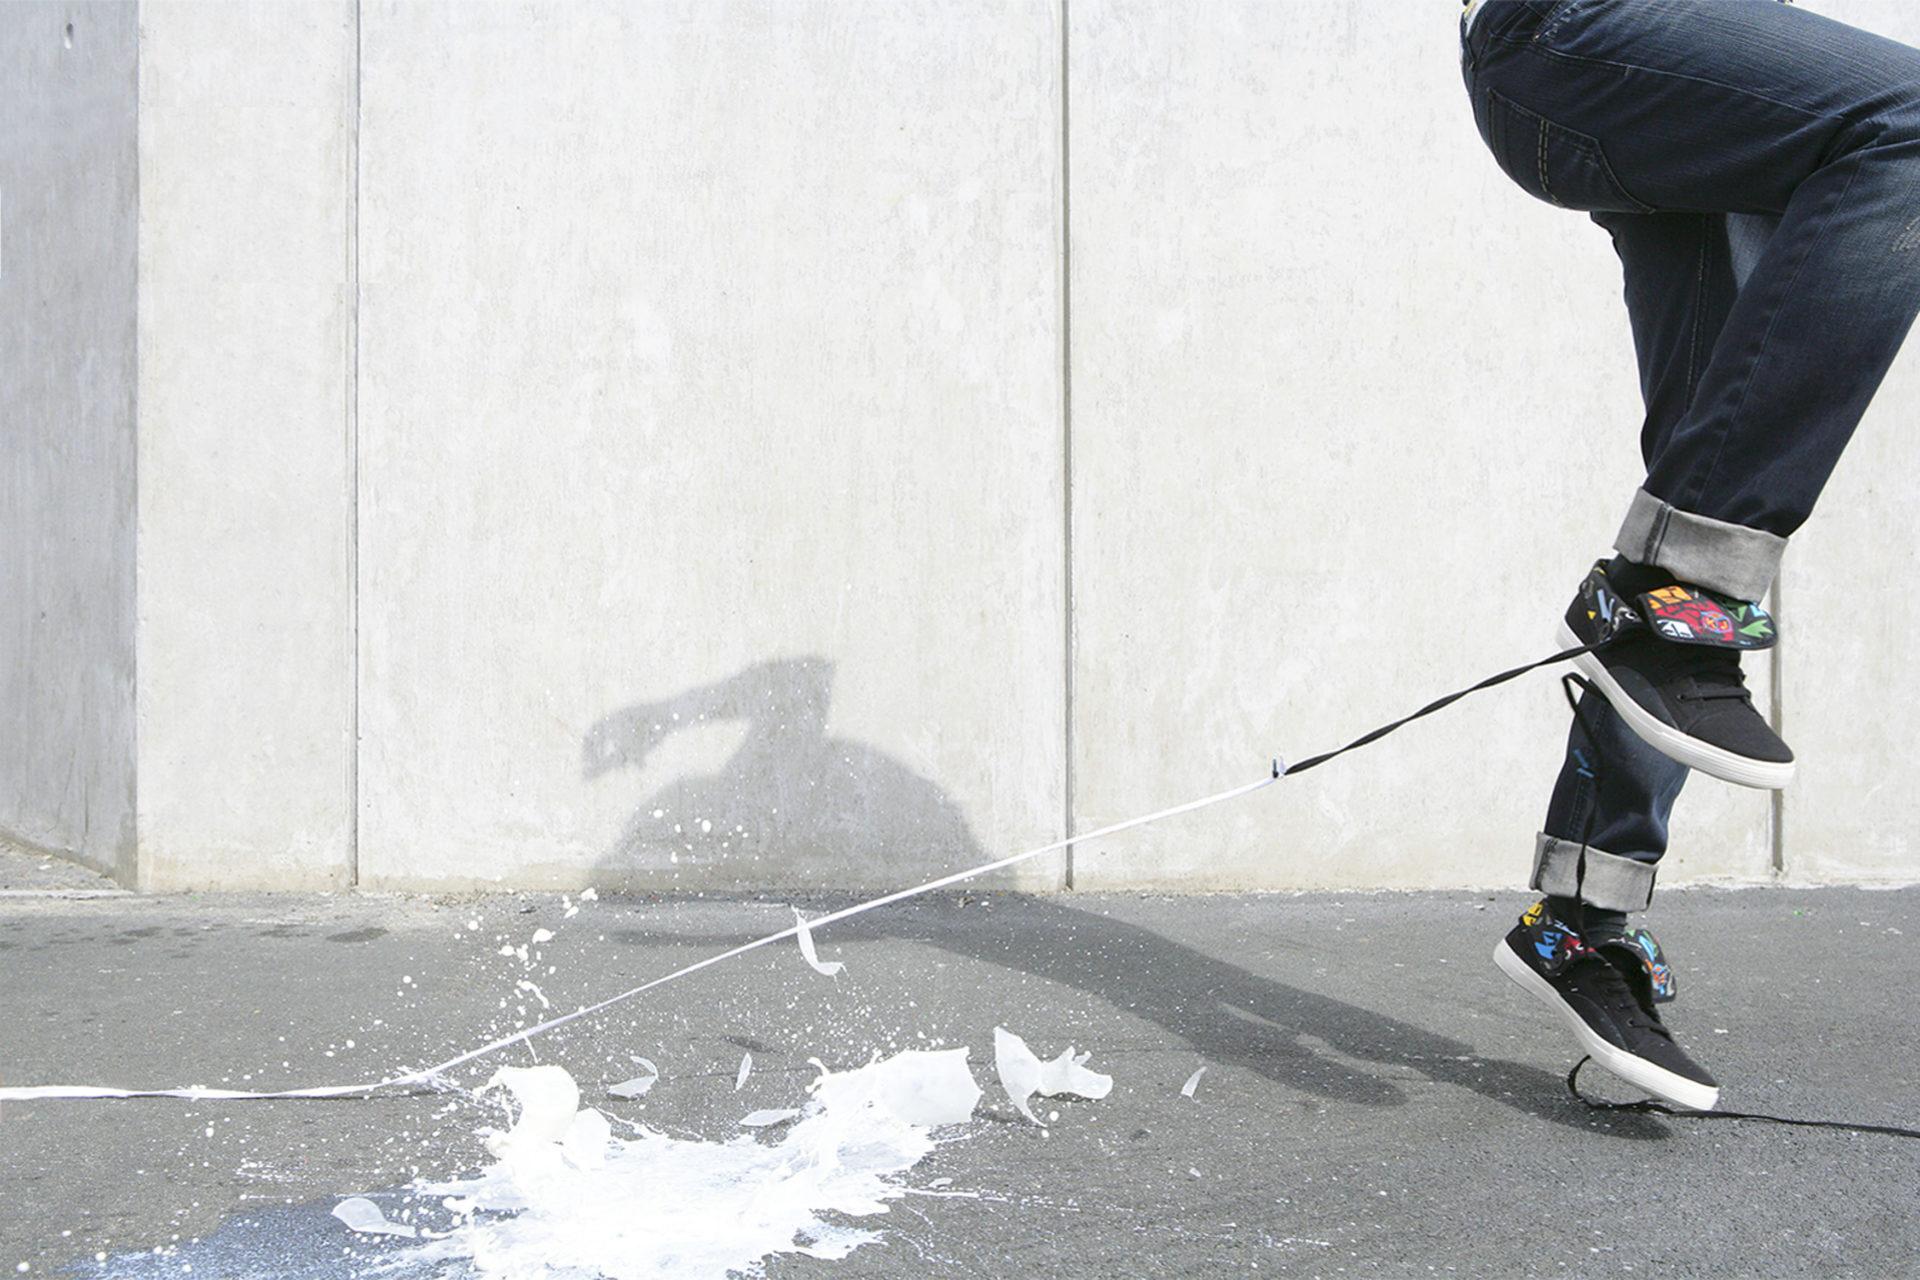 Shaw & Shaw – Umbro Kim Jones – dropped bottle of milk smashes – – shoelaces – Shaw and Shaw Advertising photographers photographer photography